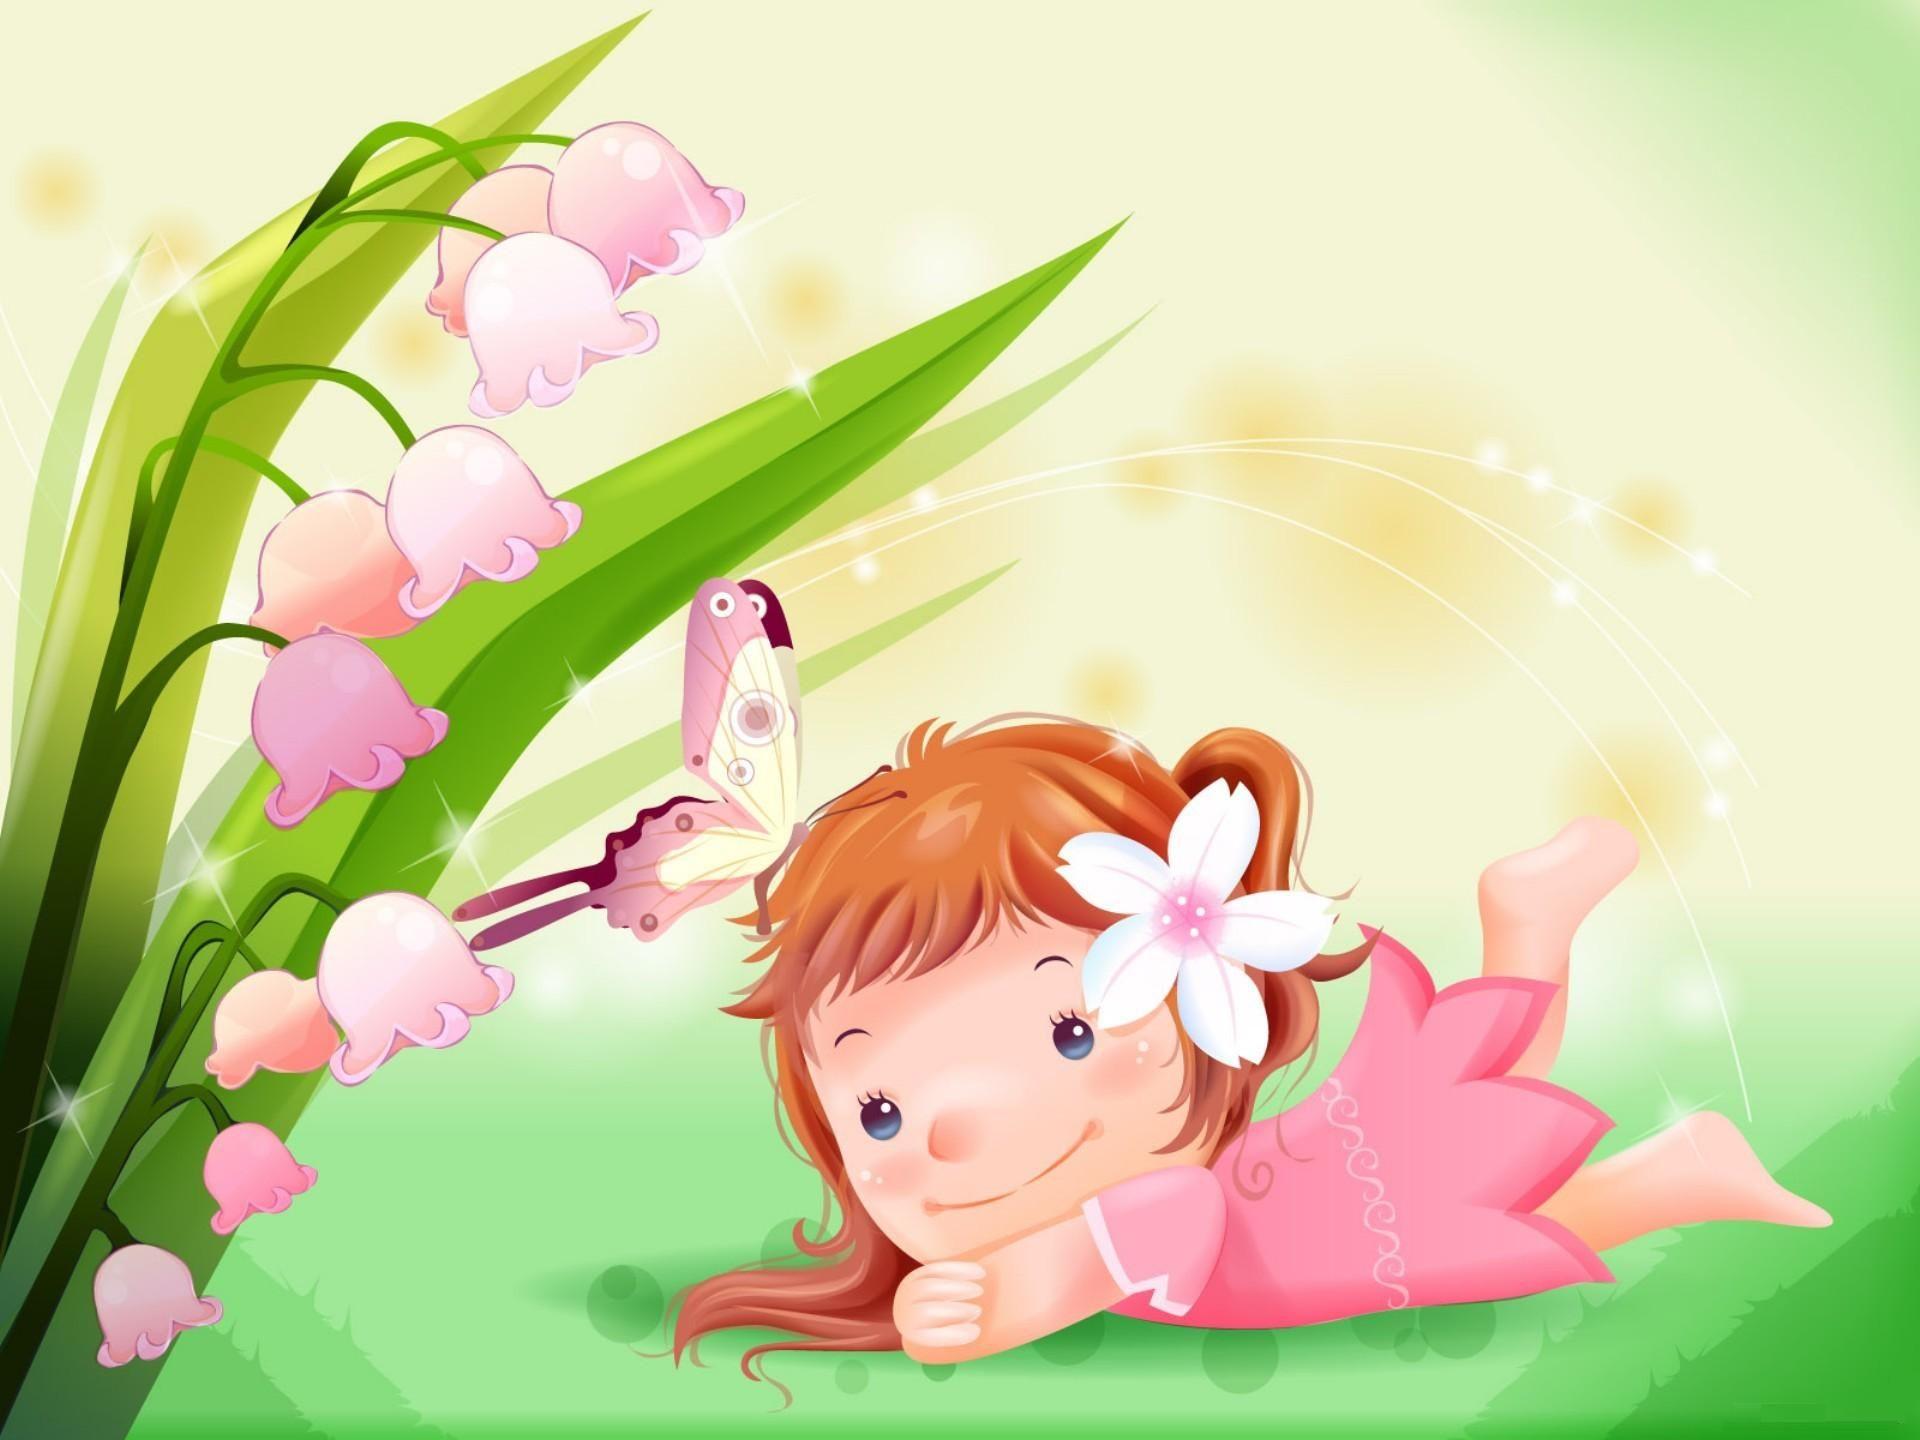 cute cartoons wallpapers for girls | cartoons | pinterest | cartoon